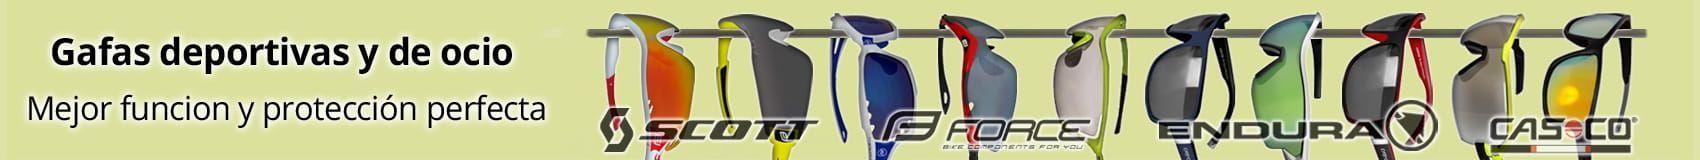 Gafas deportivas y de ocio - Mejor funcion y protección perfecta